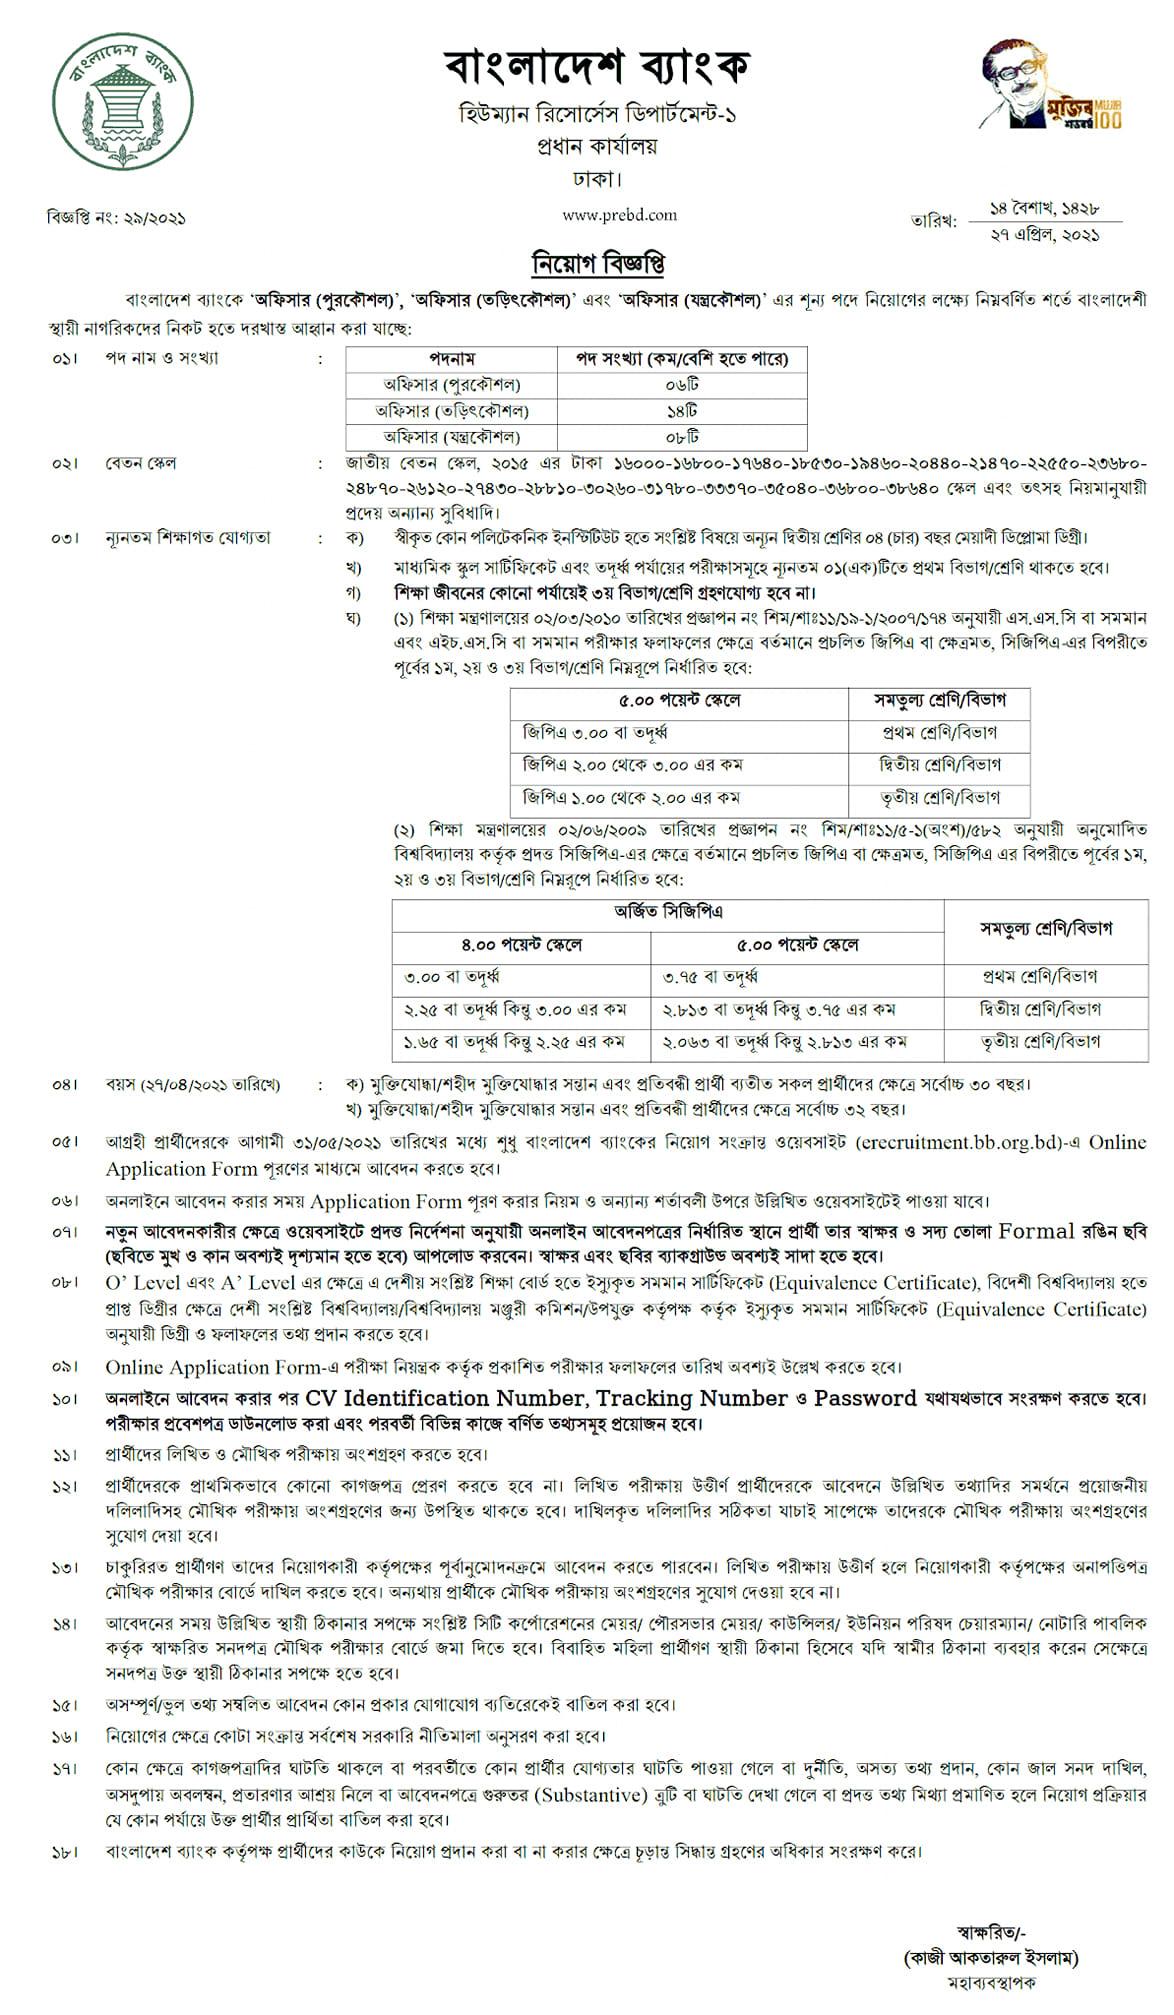 অফিসার (পুরকৌশল, তড়িৎকৌশল, যন্ত্রকৌশল) পদে বাংলাদেশ ব্যাংকে নিয়োগের বিজ্ঞপ্তি ২০২১ - Bangladesh Bank Job Circular 2021